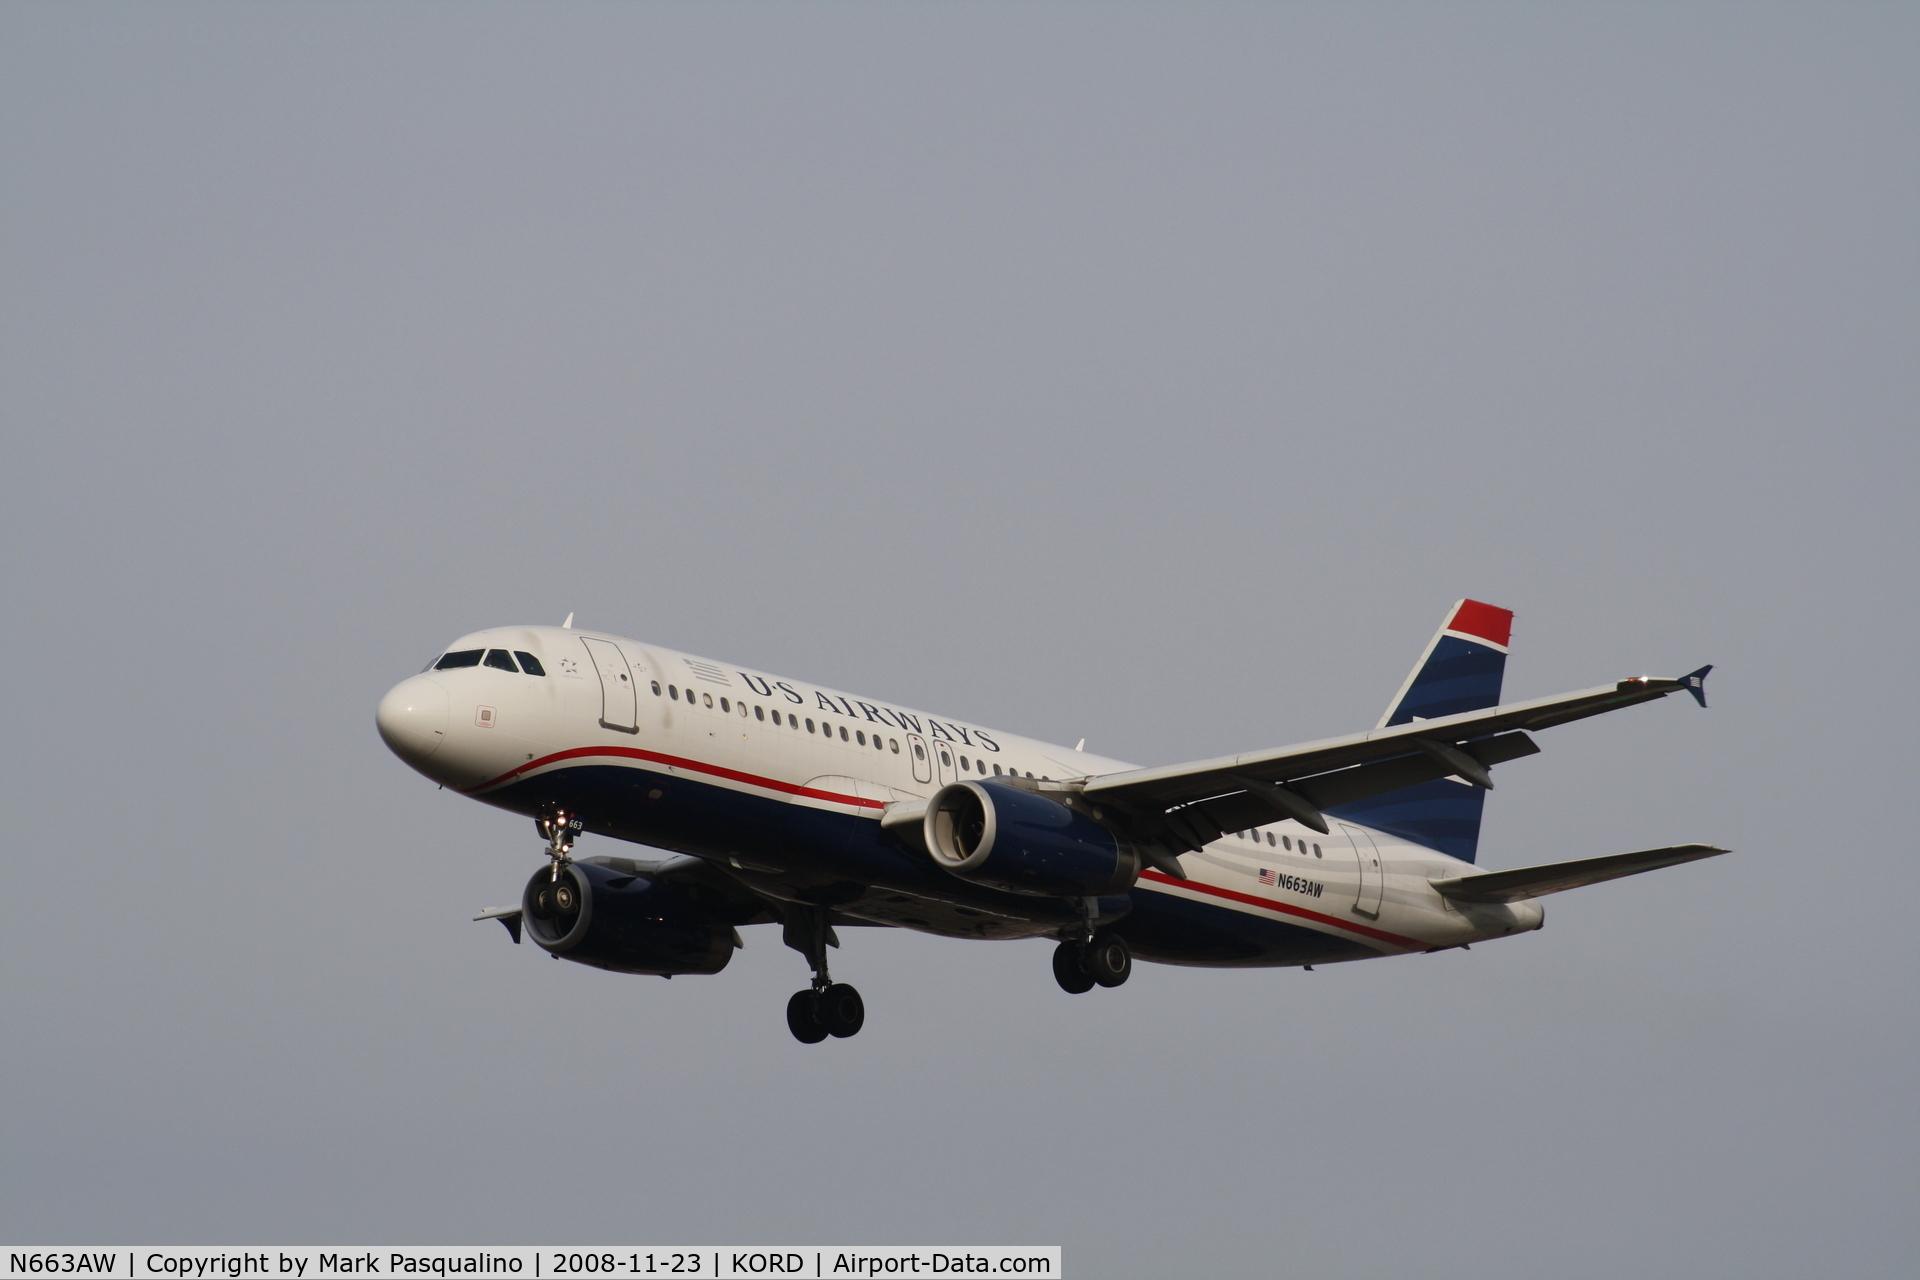 N663AW, 2001 Airbus A320-232 C/N 1419, Airbus A320